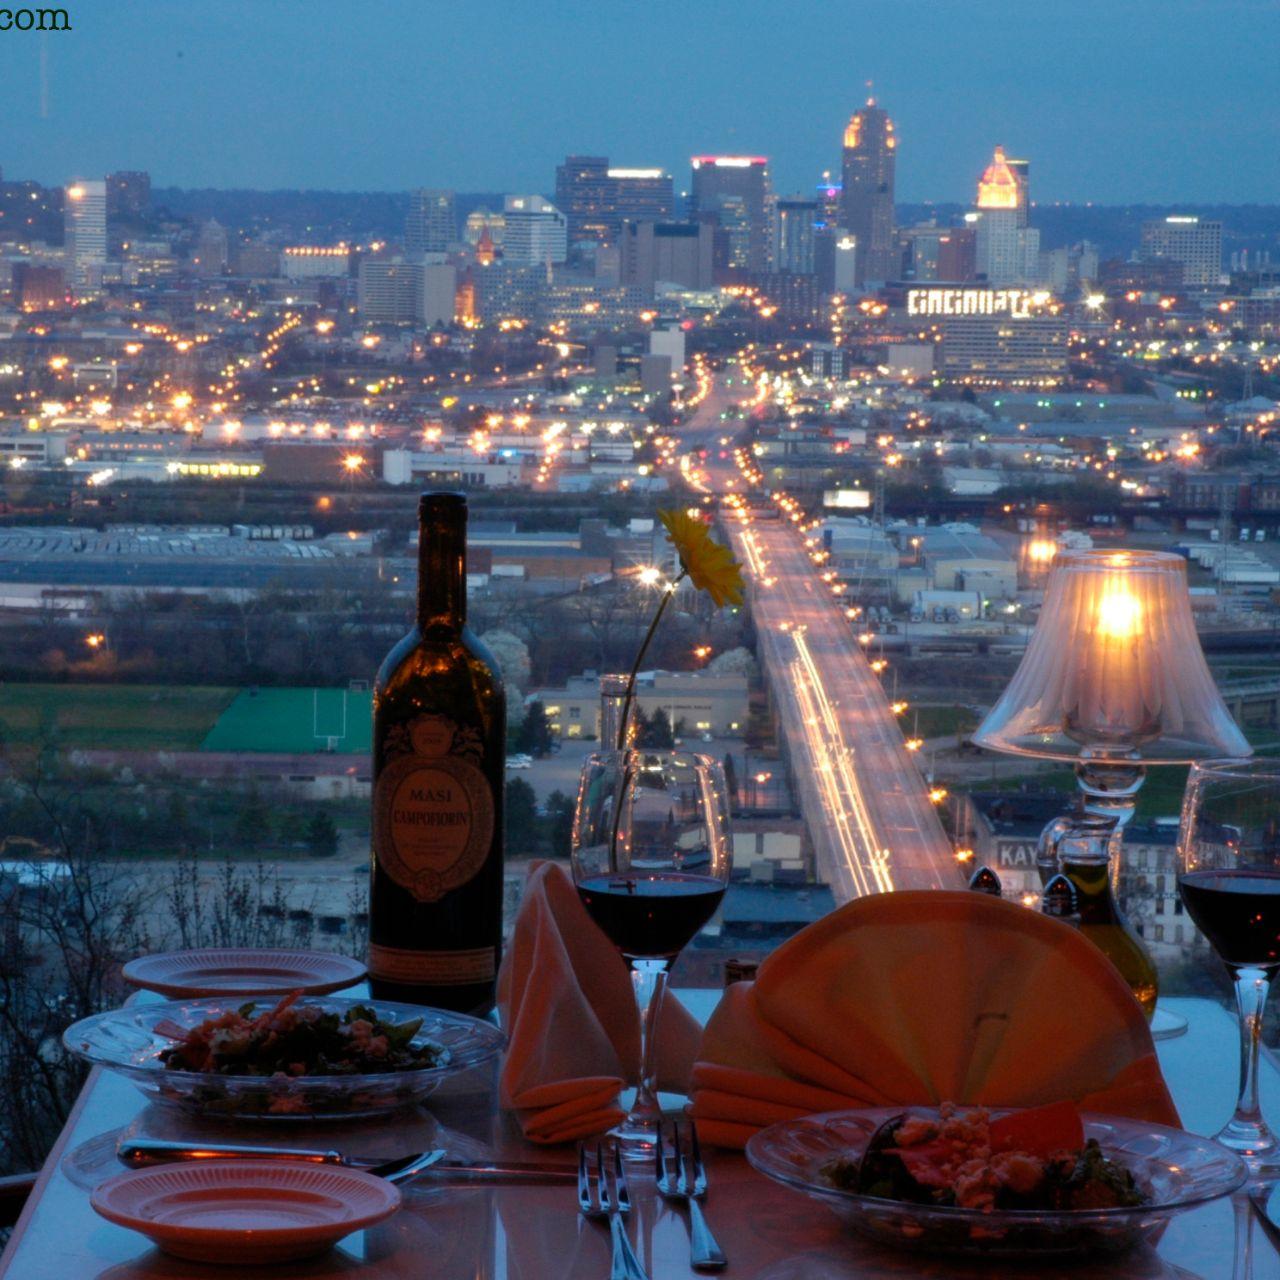 Primavista Restaurant - Cincinnati, OH | OpenTable on